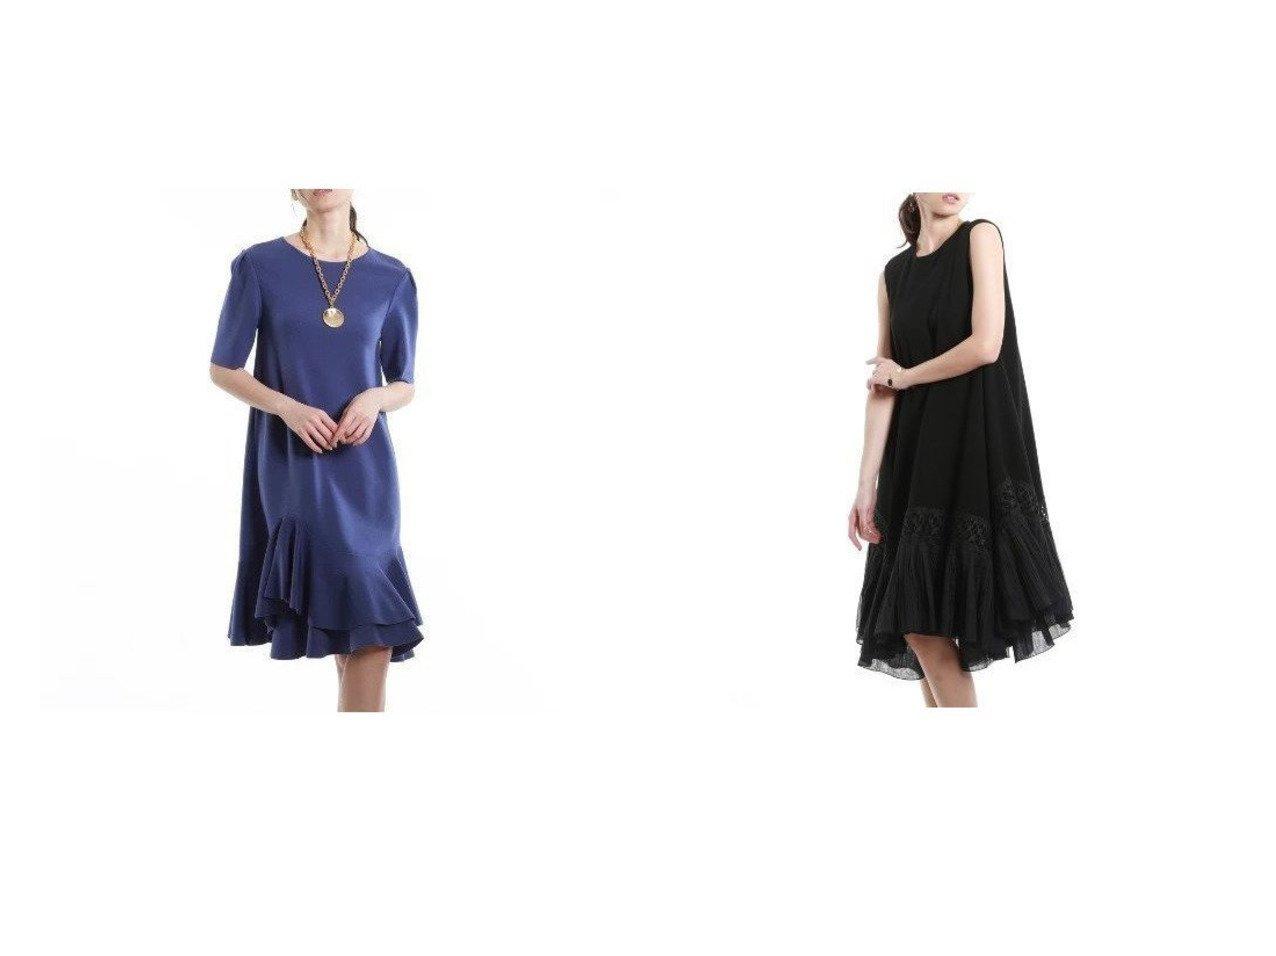 【EPOCA/エポカ】のトーションレースシアードレス&キュプラベーシックフレアドレス ワンピース・ドレスのおすすめ!人気、トレンド・レディースファッションの通販 おすすめで人気の流行・トレンド、ファッションの通販商品 メンズファッション・キッズファッション・インテリア・家具・レディースファッション・服の通販 founy(ファニー) https://founy.com/ ファッション Fashion レディースファッション WOMEN ワンピース Dress ドレス Party Dresses ストレッチ ドレス ドレープ フォーマル フレア 定番 Standard イレギュラーヘム エレガント シアー プリーツ ラグジュアリー |ID:crp329100000024615